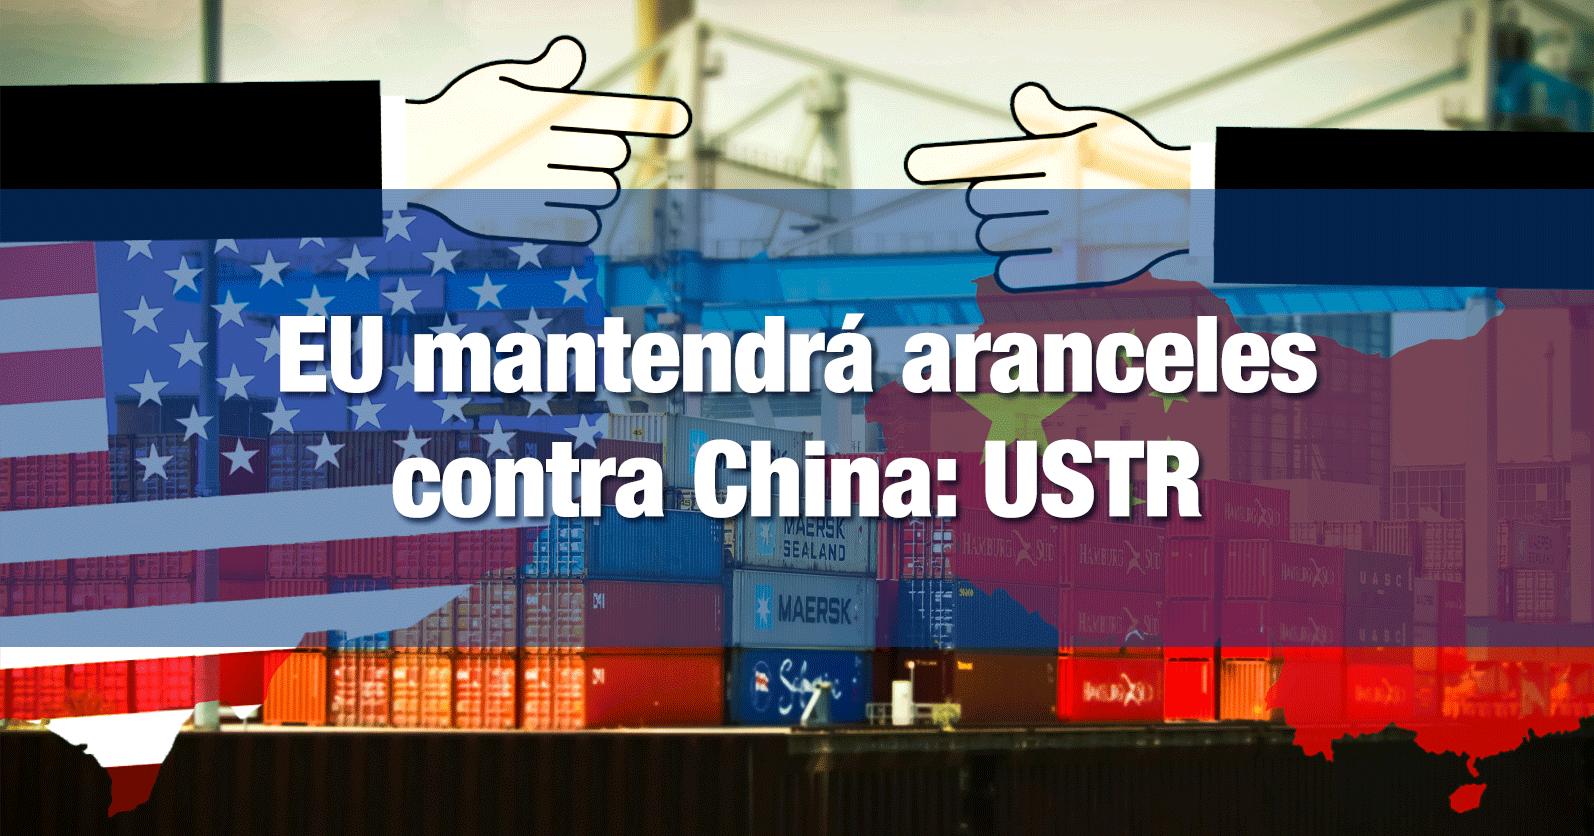 EU mantendrá aranceles contra China: USTR